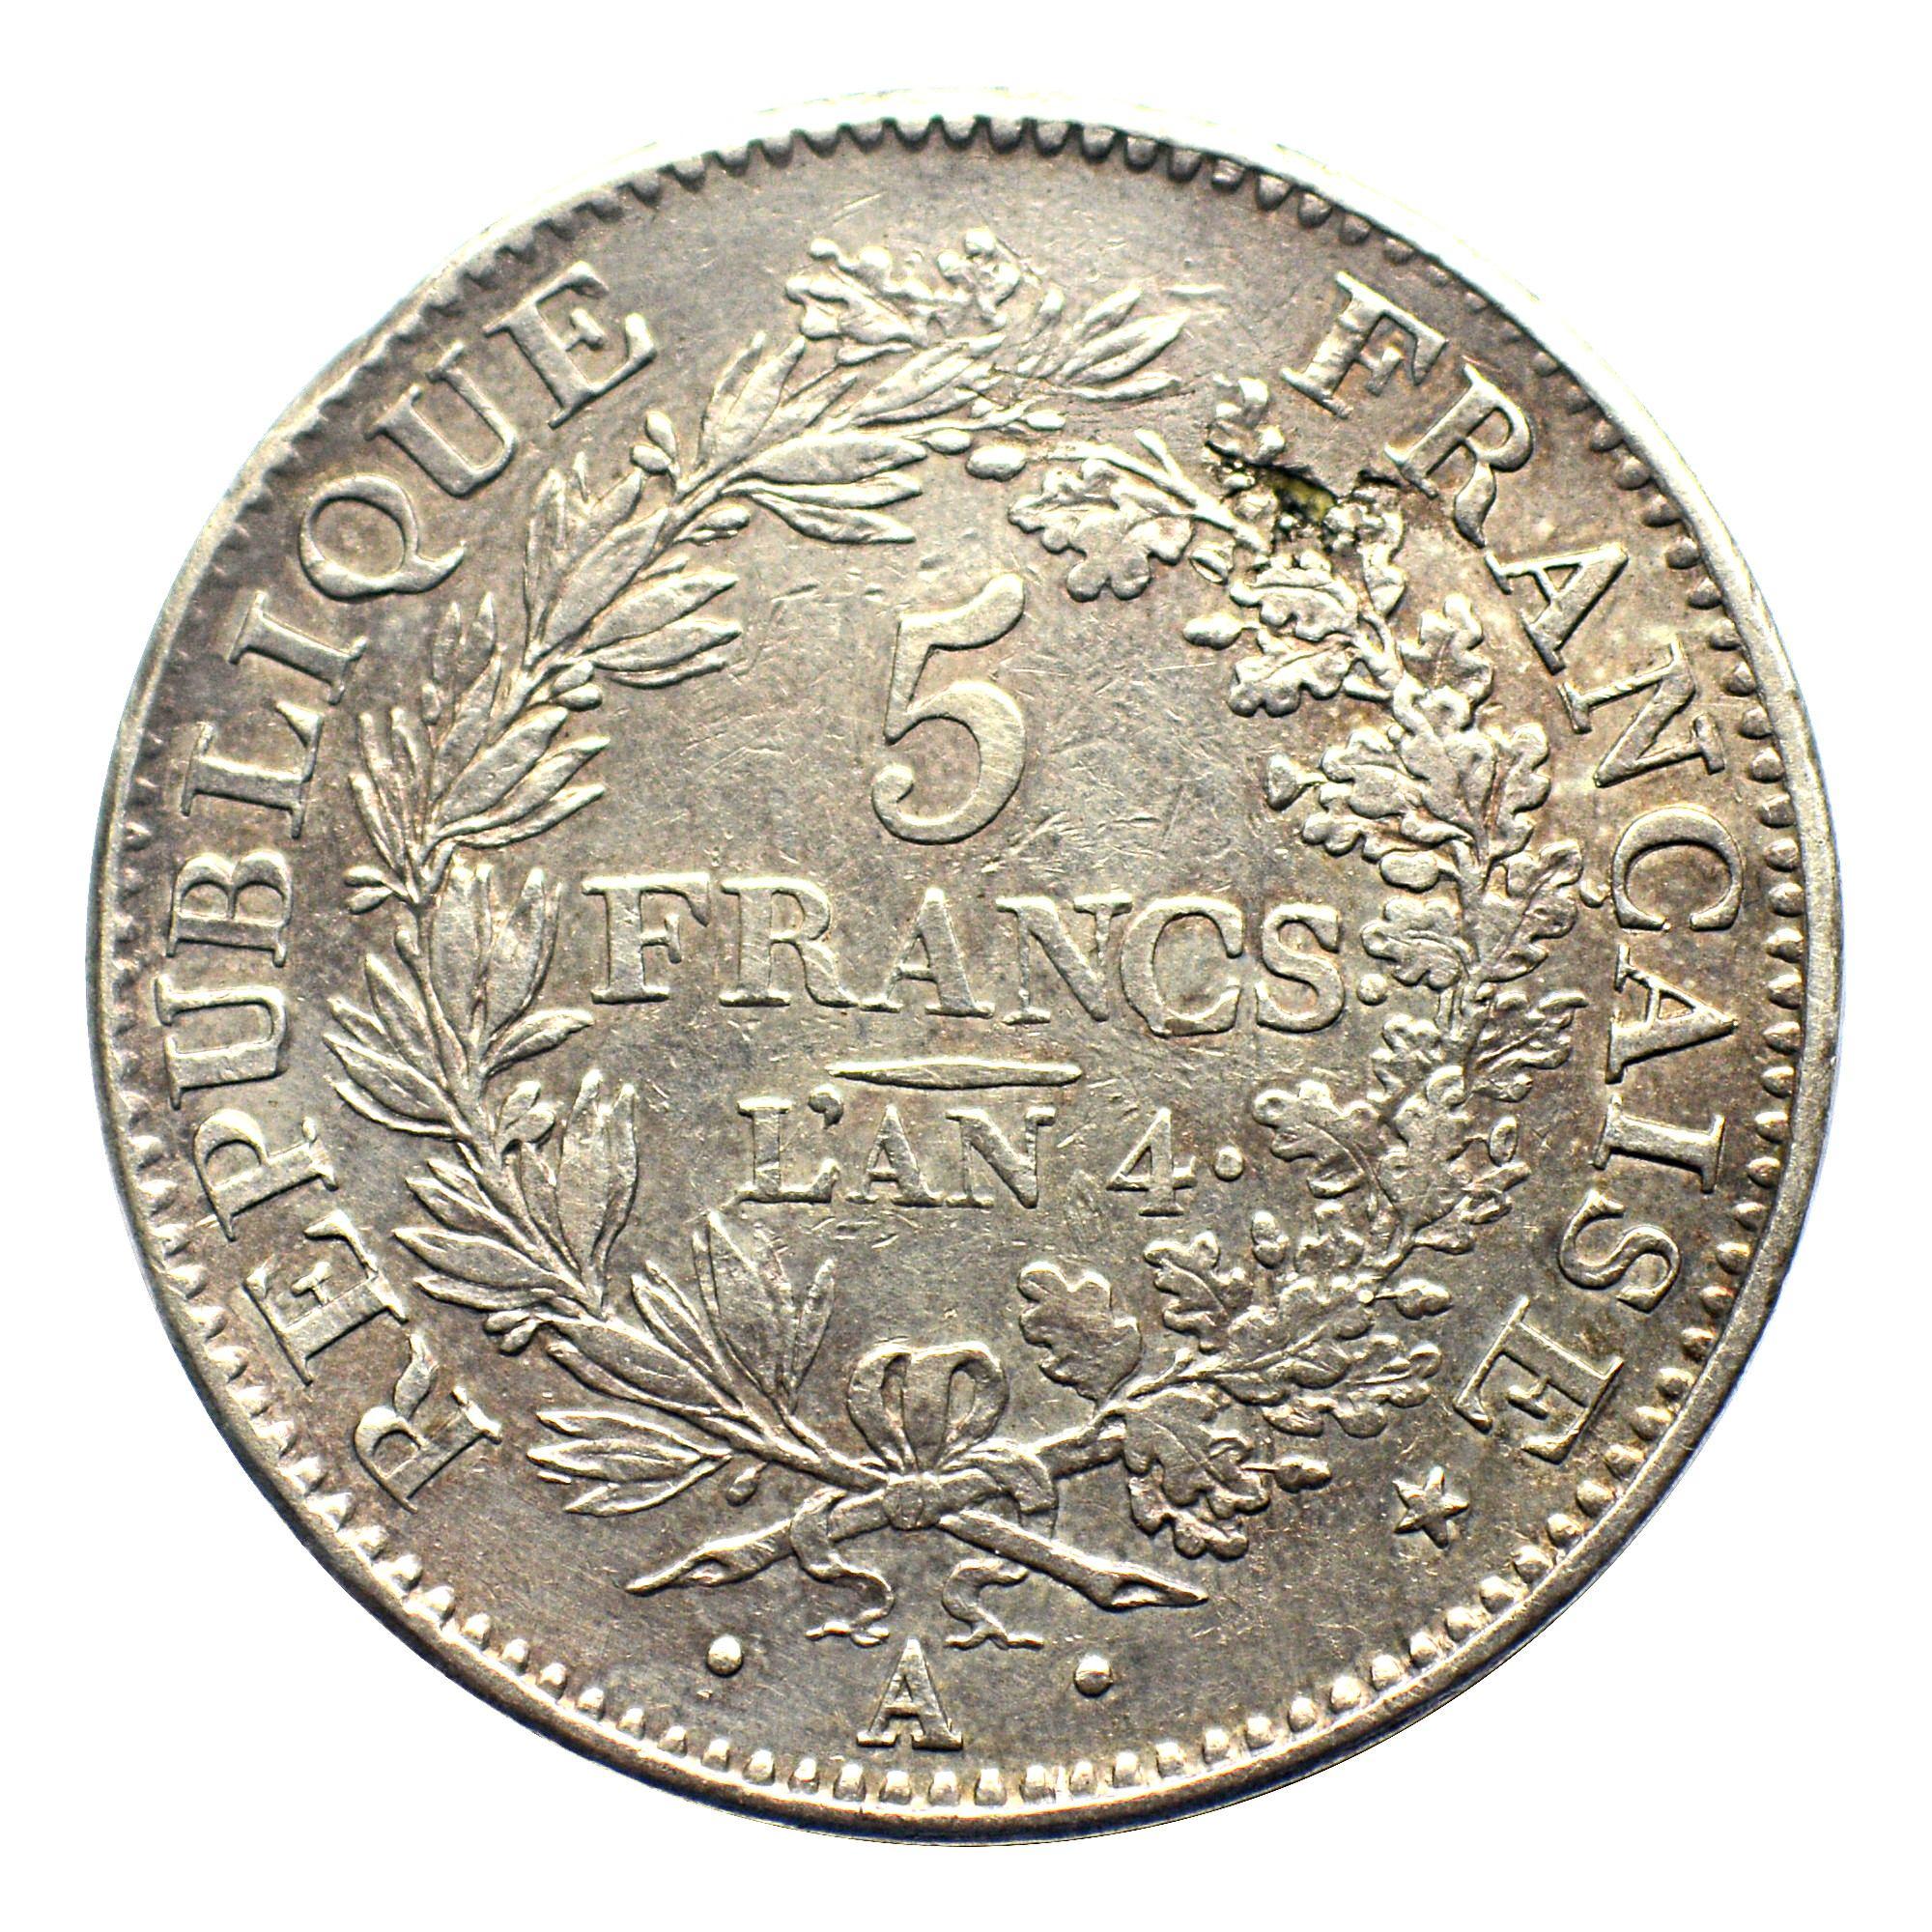 5 francs union et force  union serr u00e9  avec glands  listel par virole